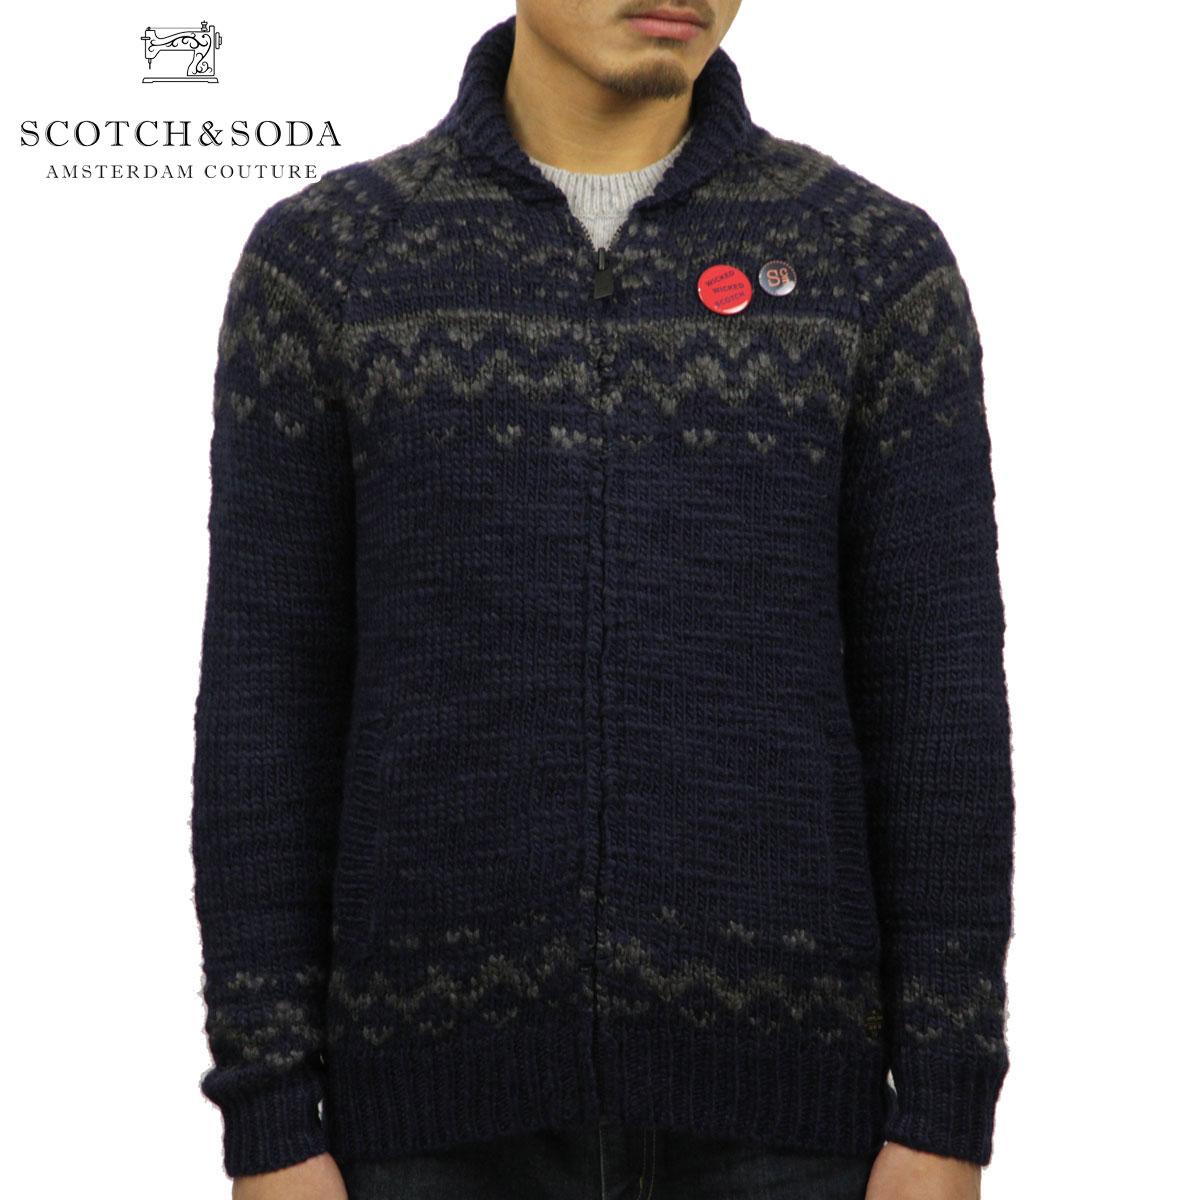 スコッチアンドソーダ セーター メンズ 正規販売店 SCOTCH&SODA Zip-thru cardigan in chunky slub yarn knit 101655 18